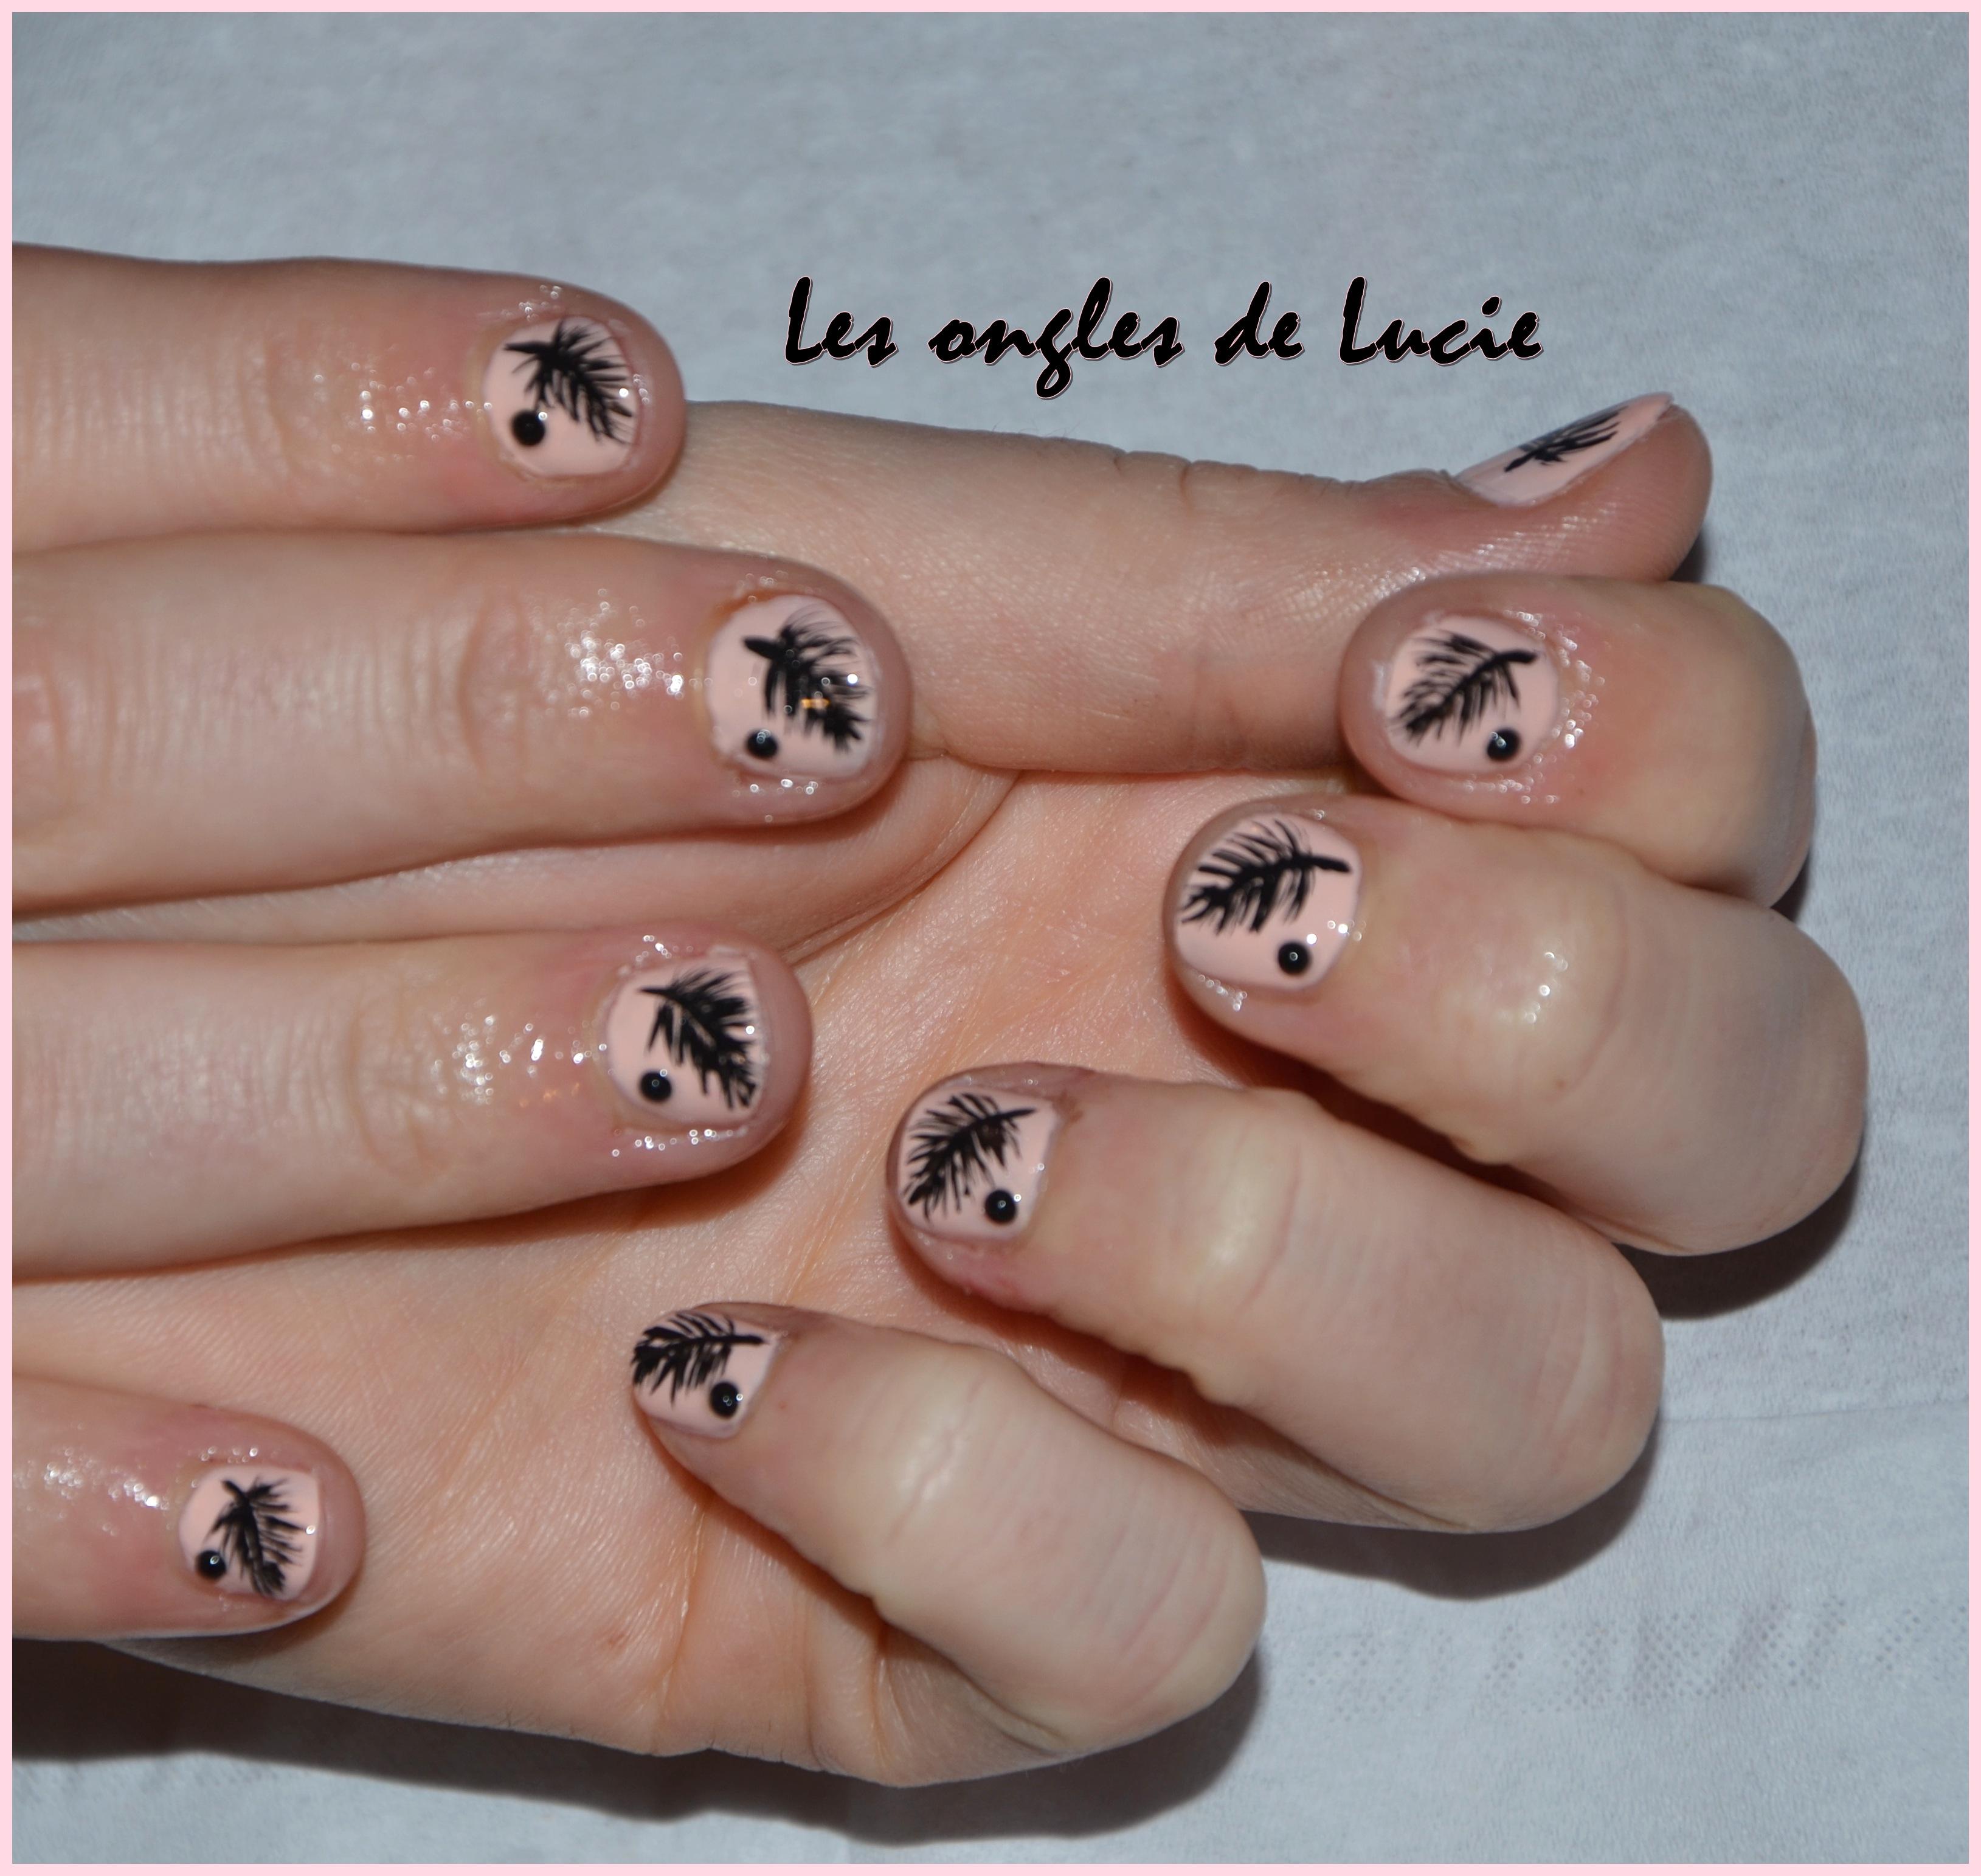 Populaire Nail art sur les autres!   les ongles de Lucie CB06